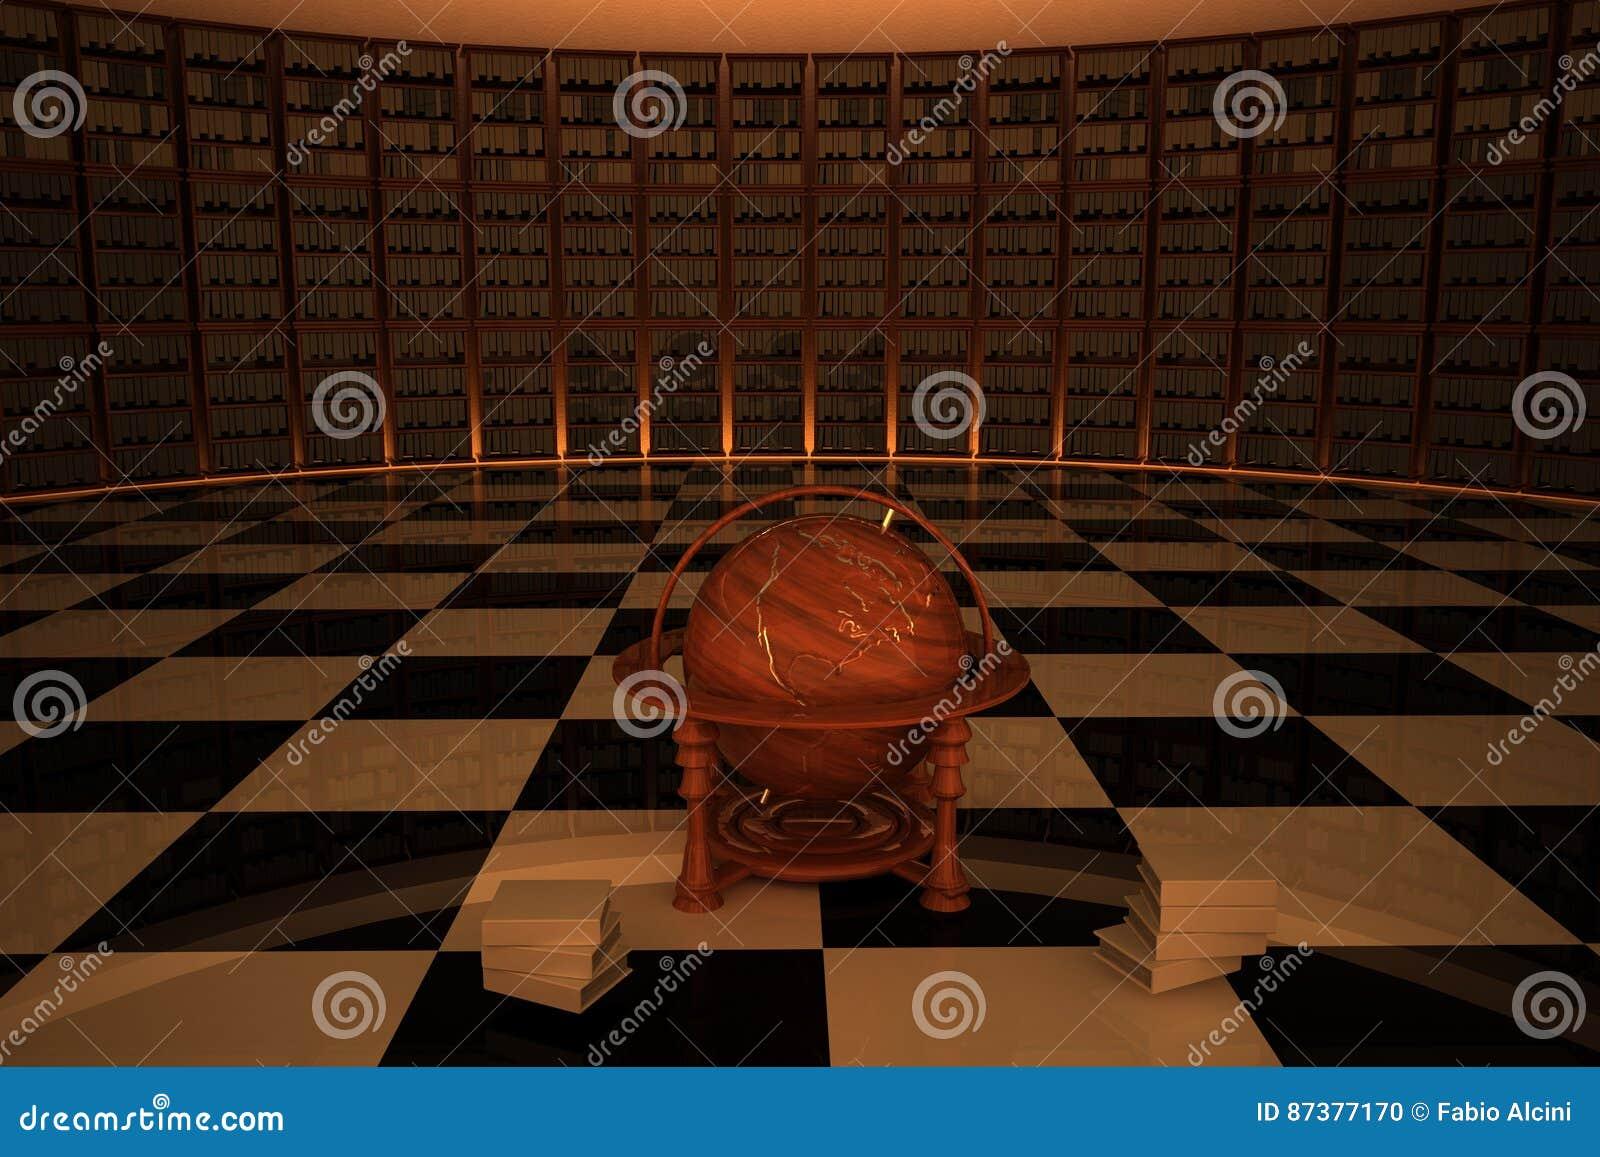 Bibliotheek met oude houten bol in centrum stock illustratie afbeelding 87377170 - Model bibliotheek houten ...